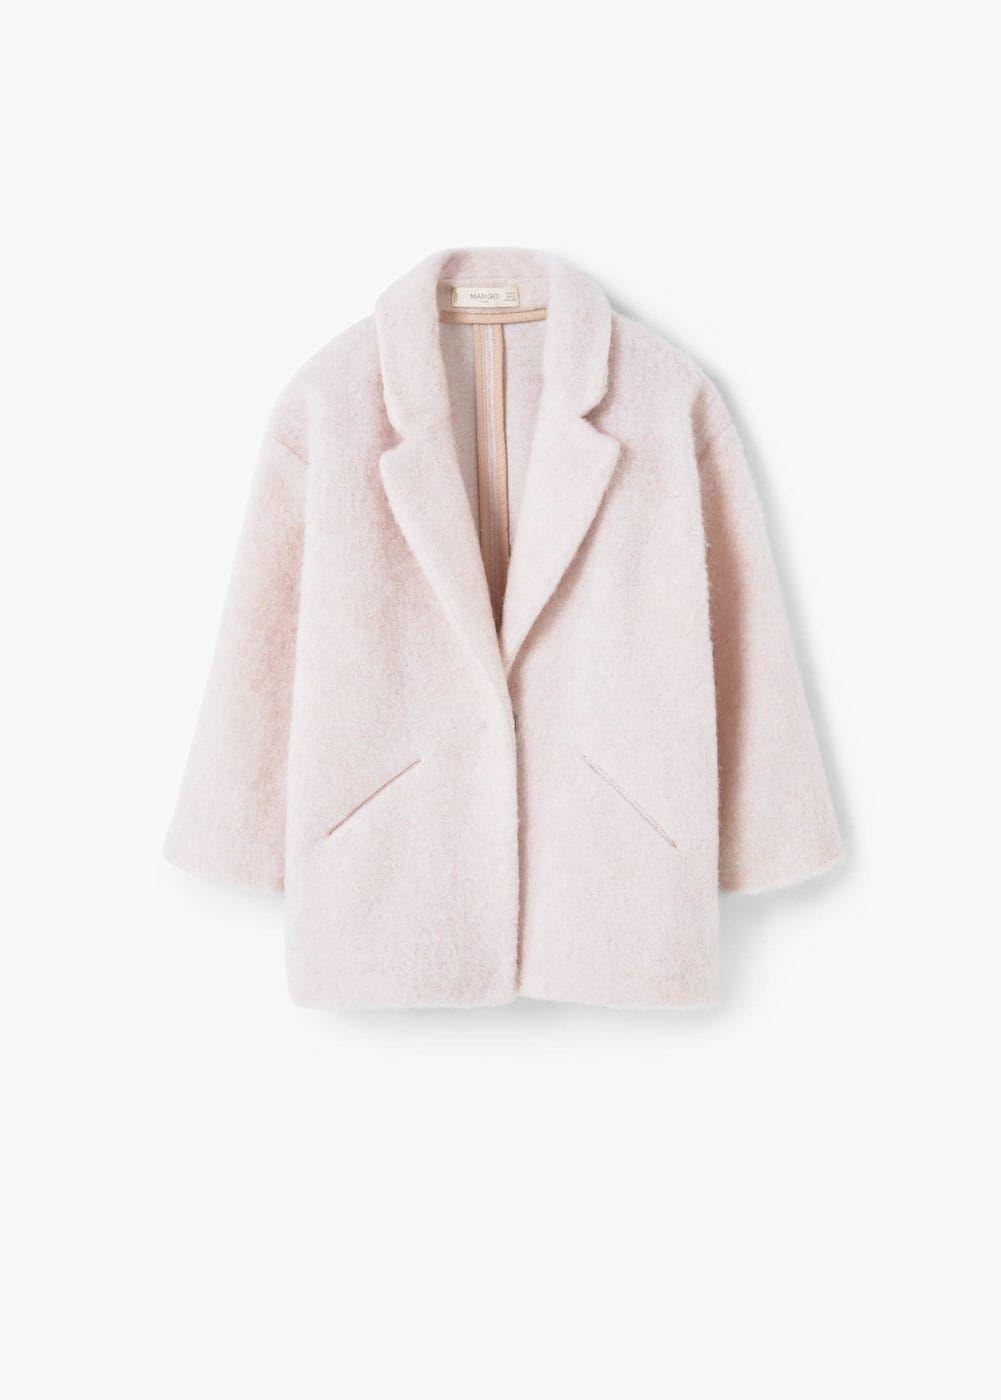 Manteau laine et mohair Fille | Disguise | Manteau laine